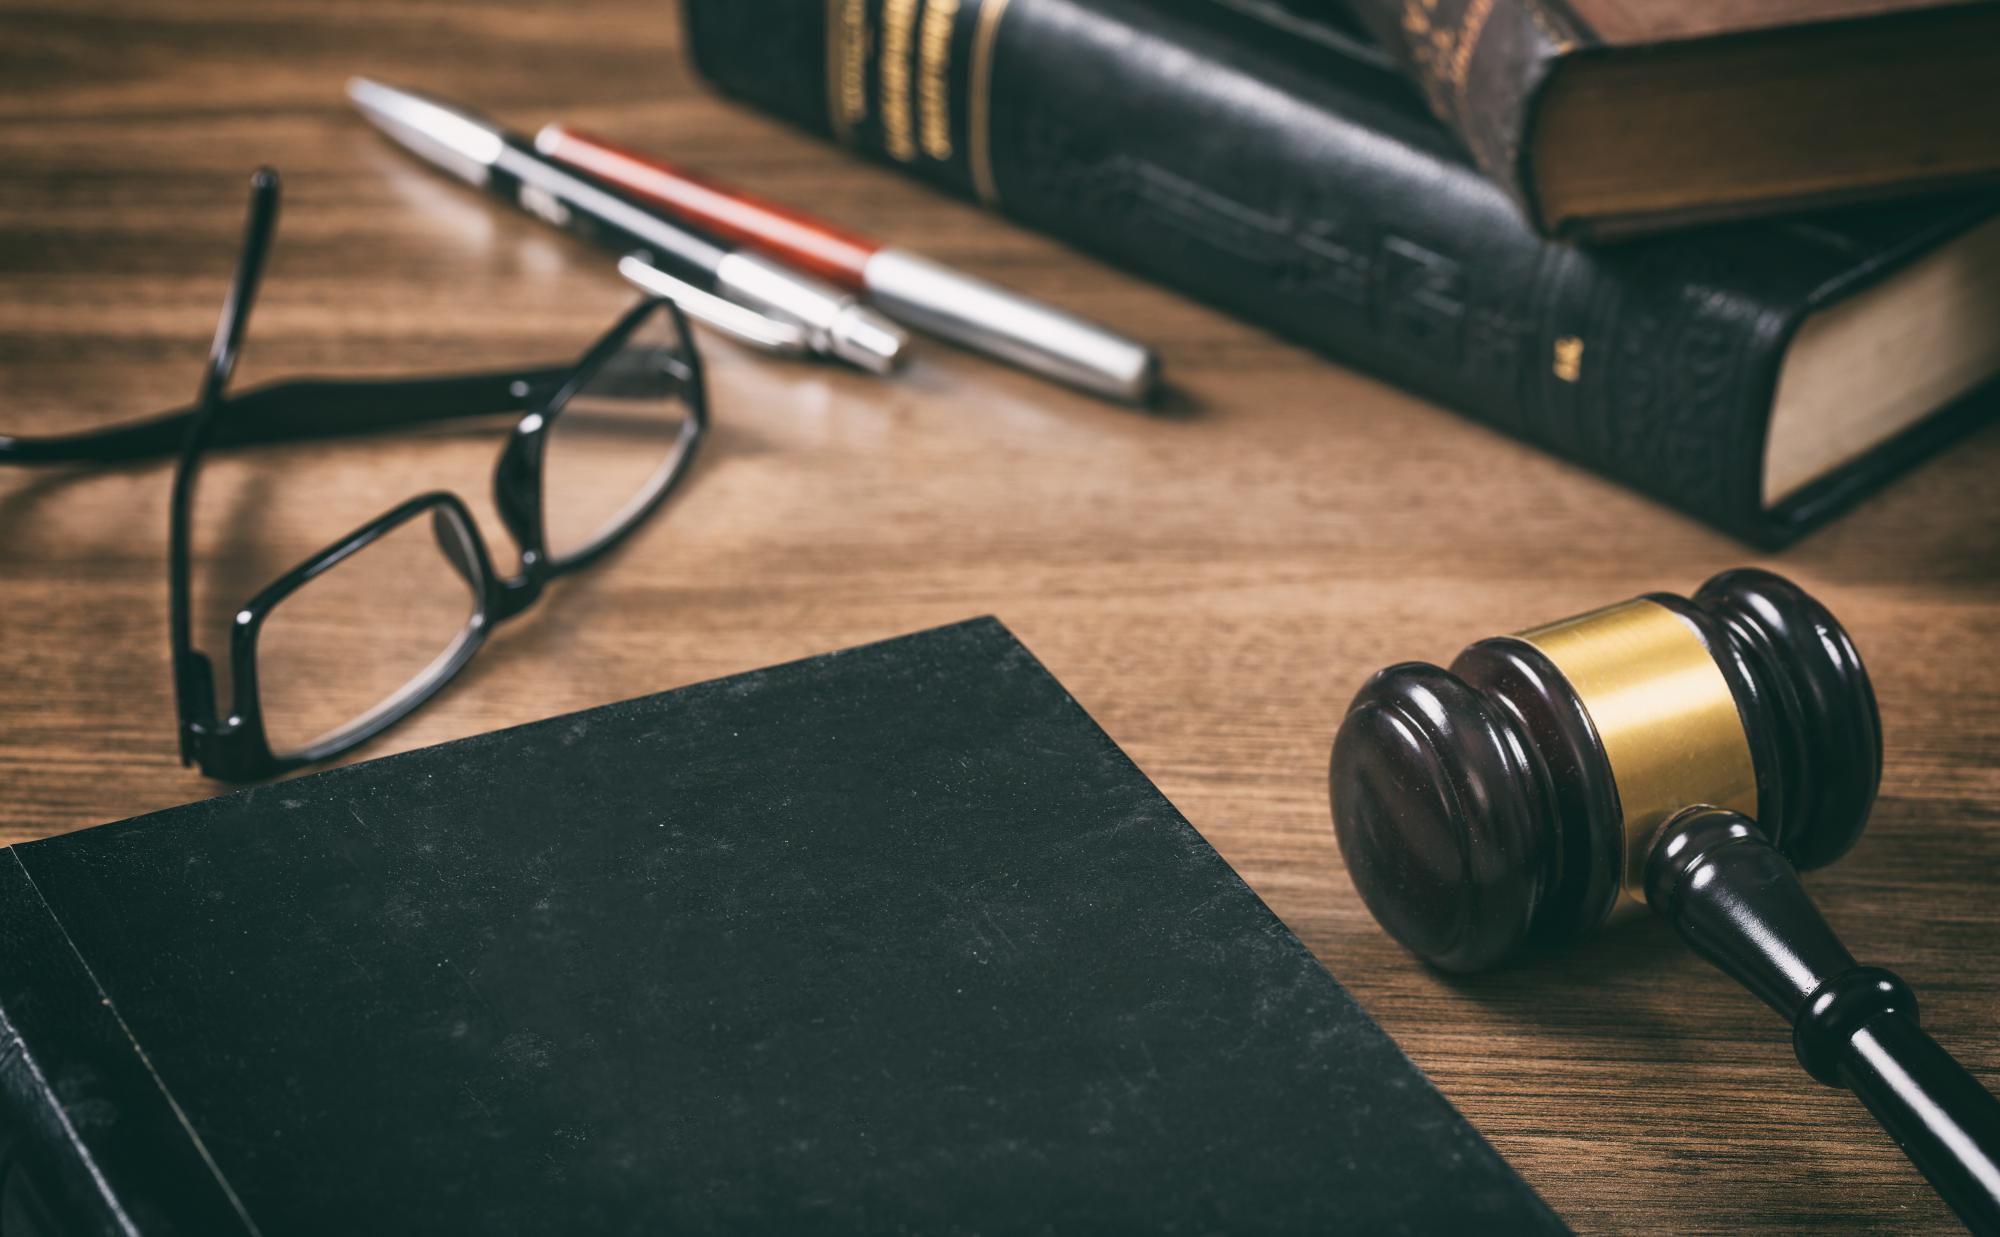 Суд опроверг доводы налоговиков, полагавших, что без товарно-транспортных накладных сделка недействительна